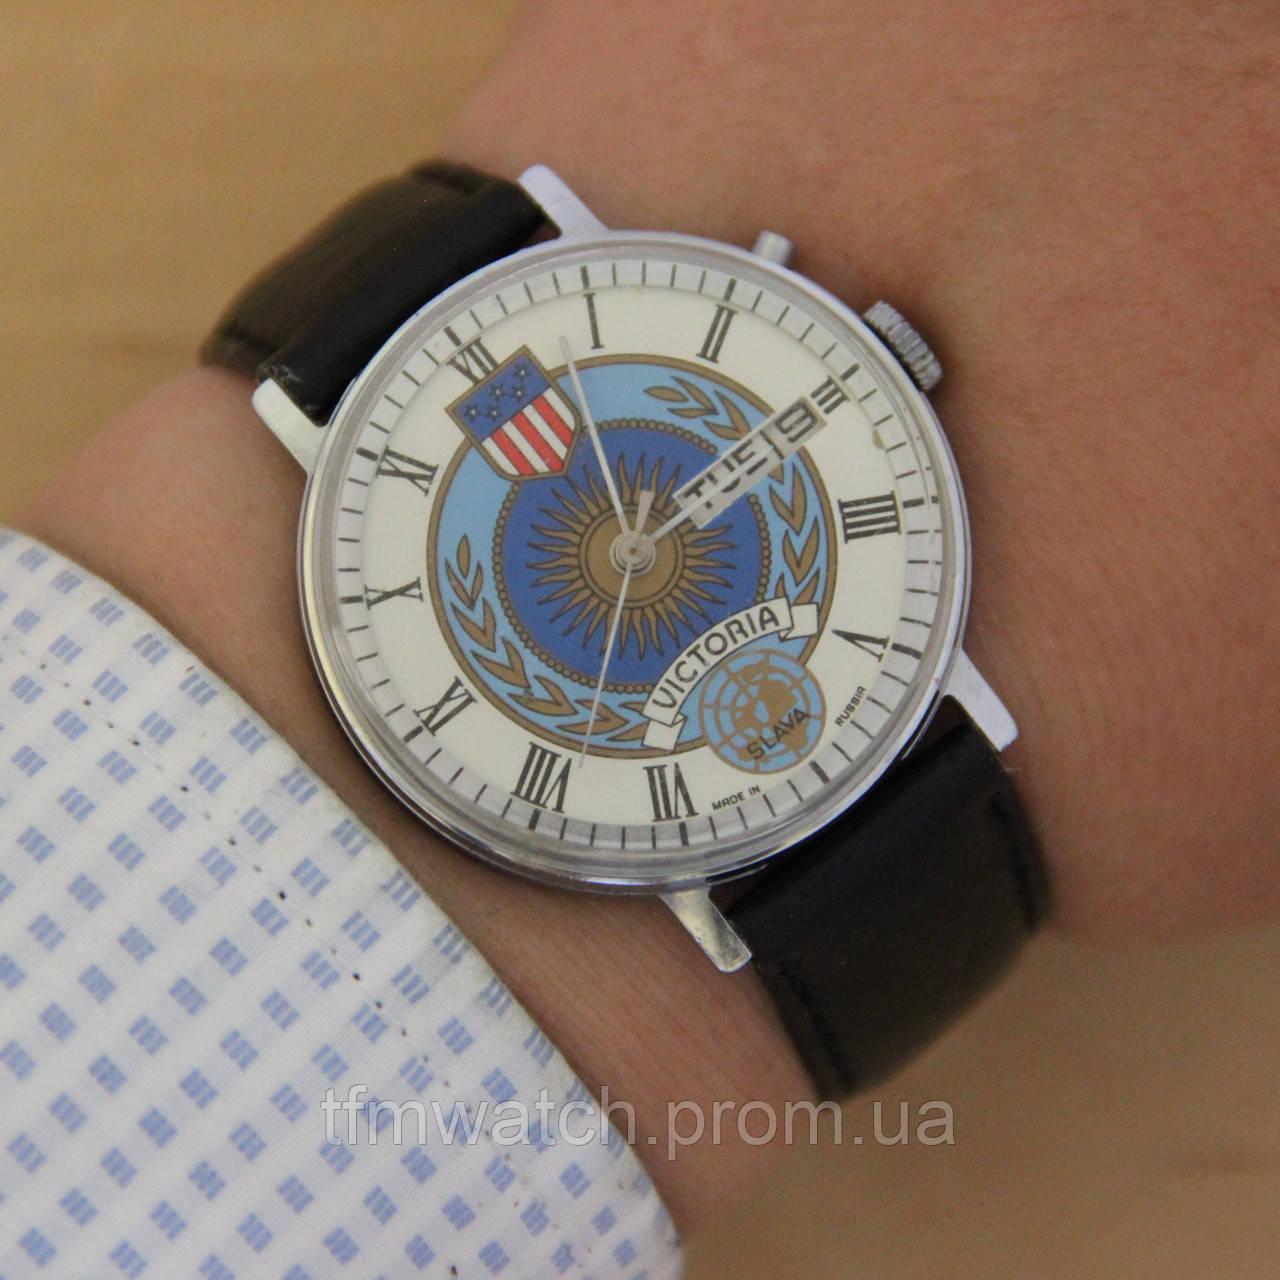 0e10549db34c Slava Victoria Слава наручные механические часы - Магазин старинных,  винтажных и антикварных часов TFMwatch в